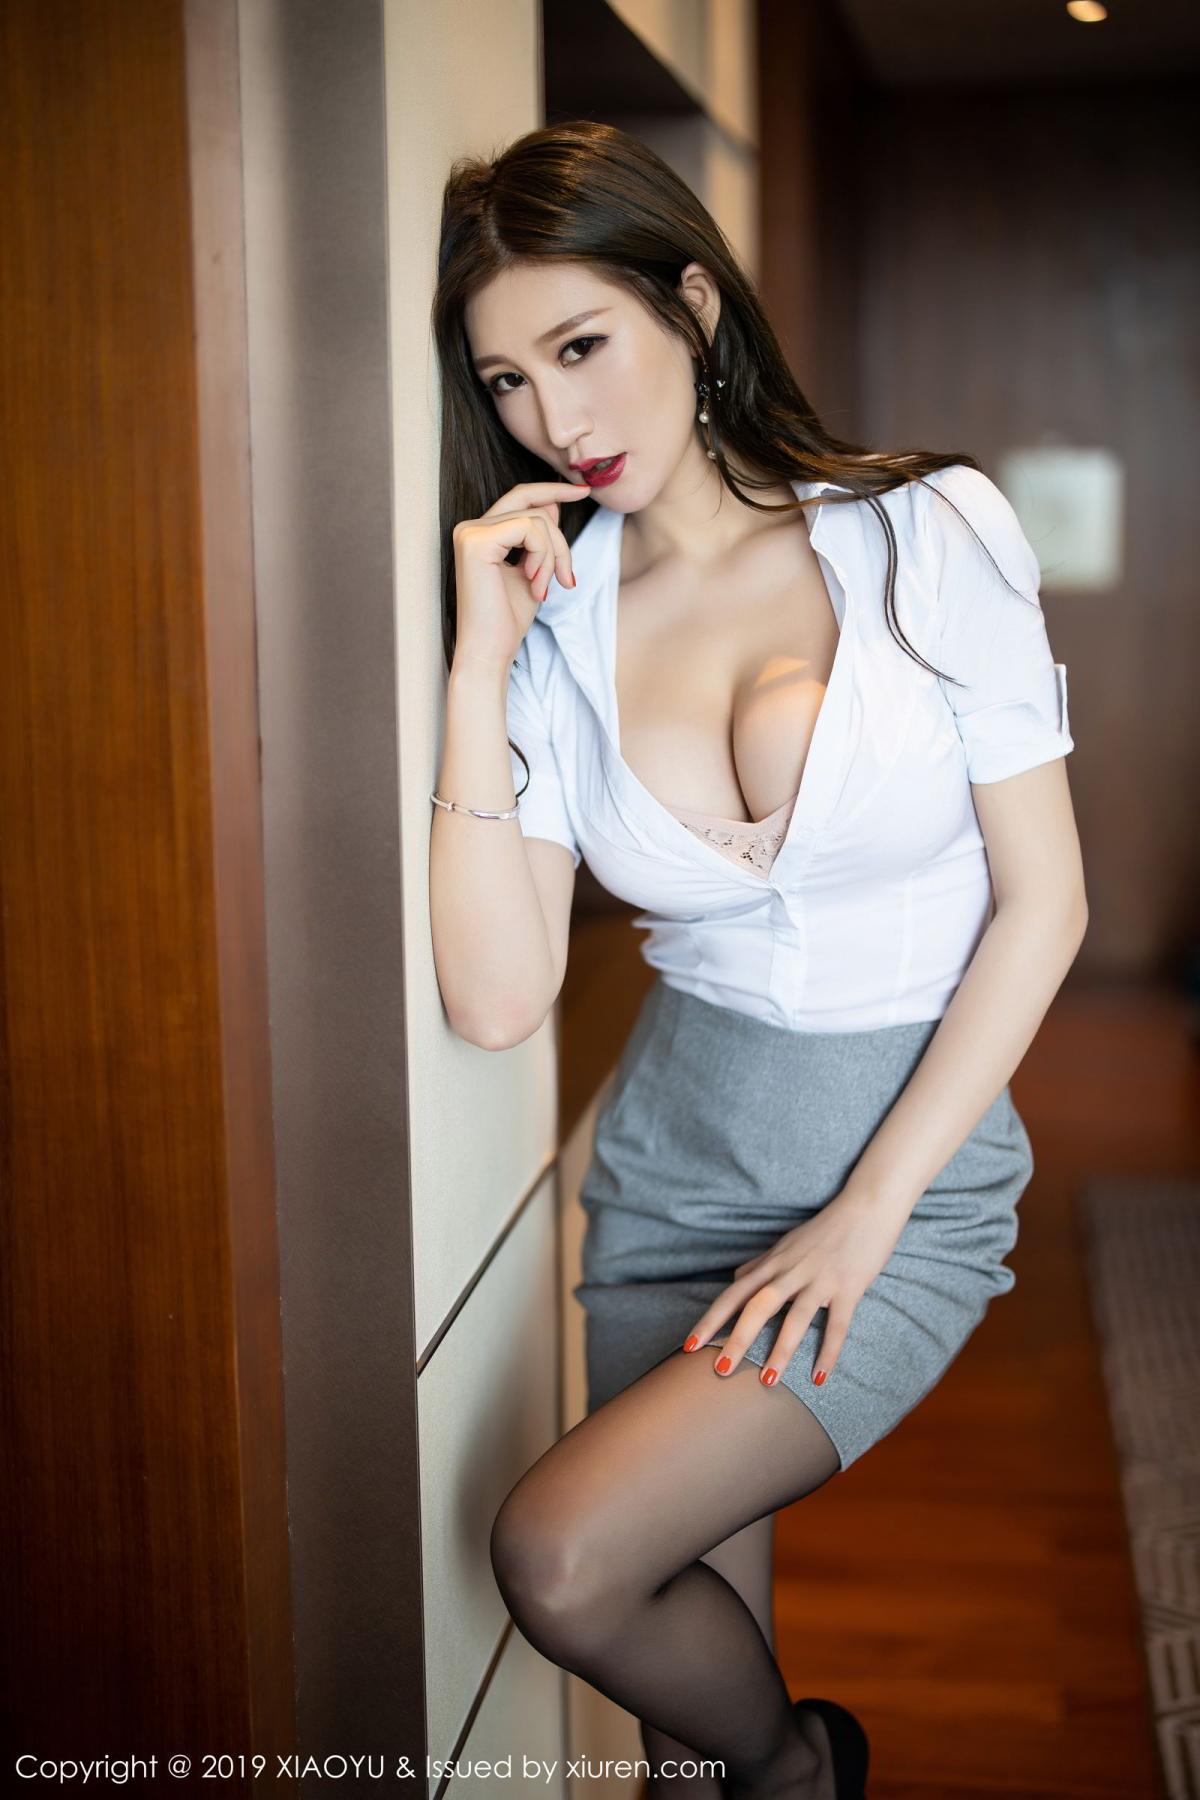 [XiaoYu] Vol.195 Xuan Zi 16P, Tall, Underwear, XiaoYu, Xuan Zi